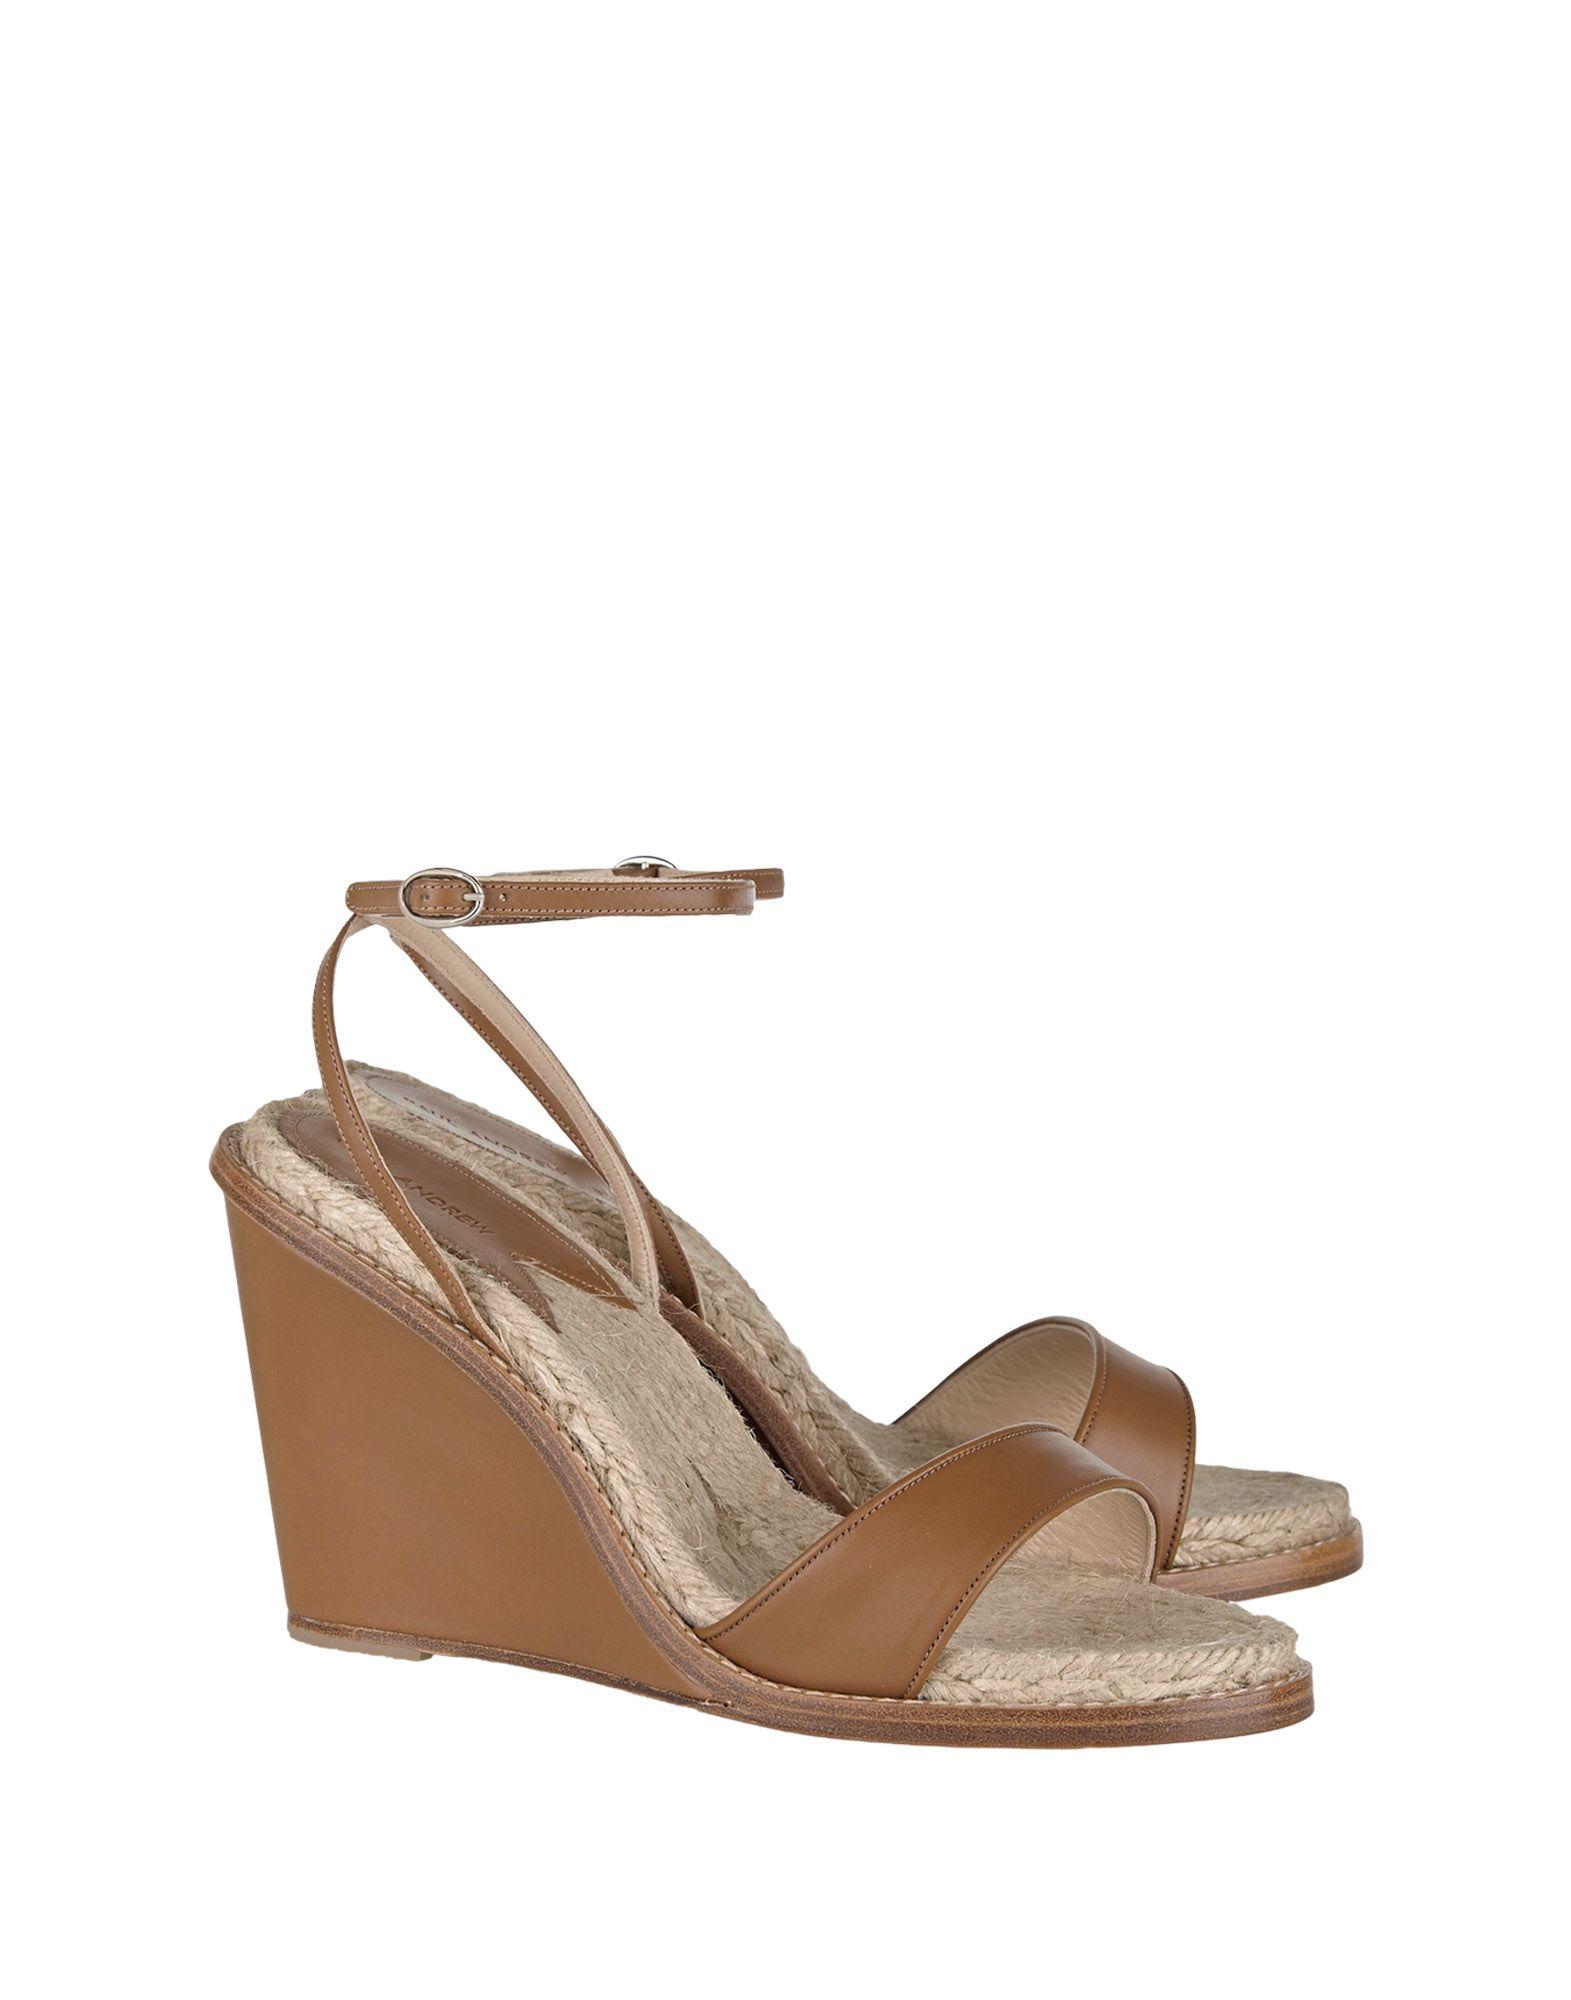 Rabatt Schuhe Paul Andrew Sandalen Damen  11435905OF